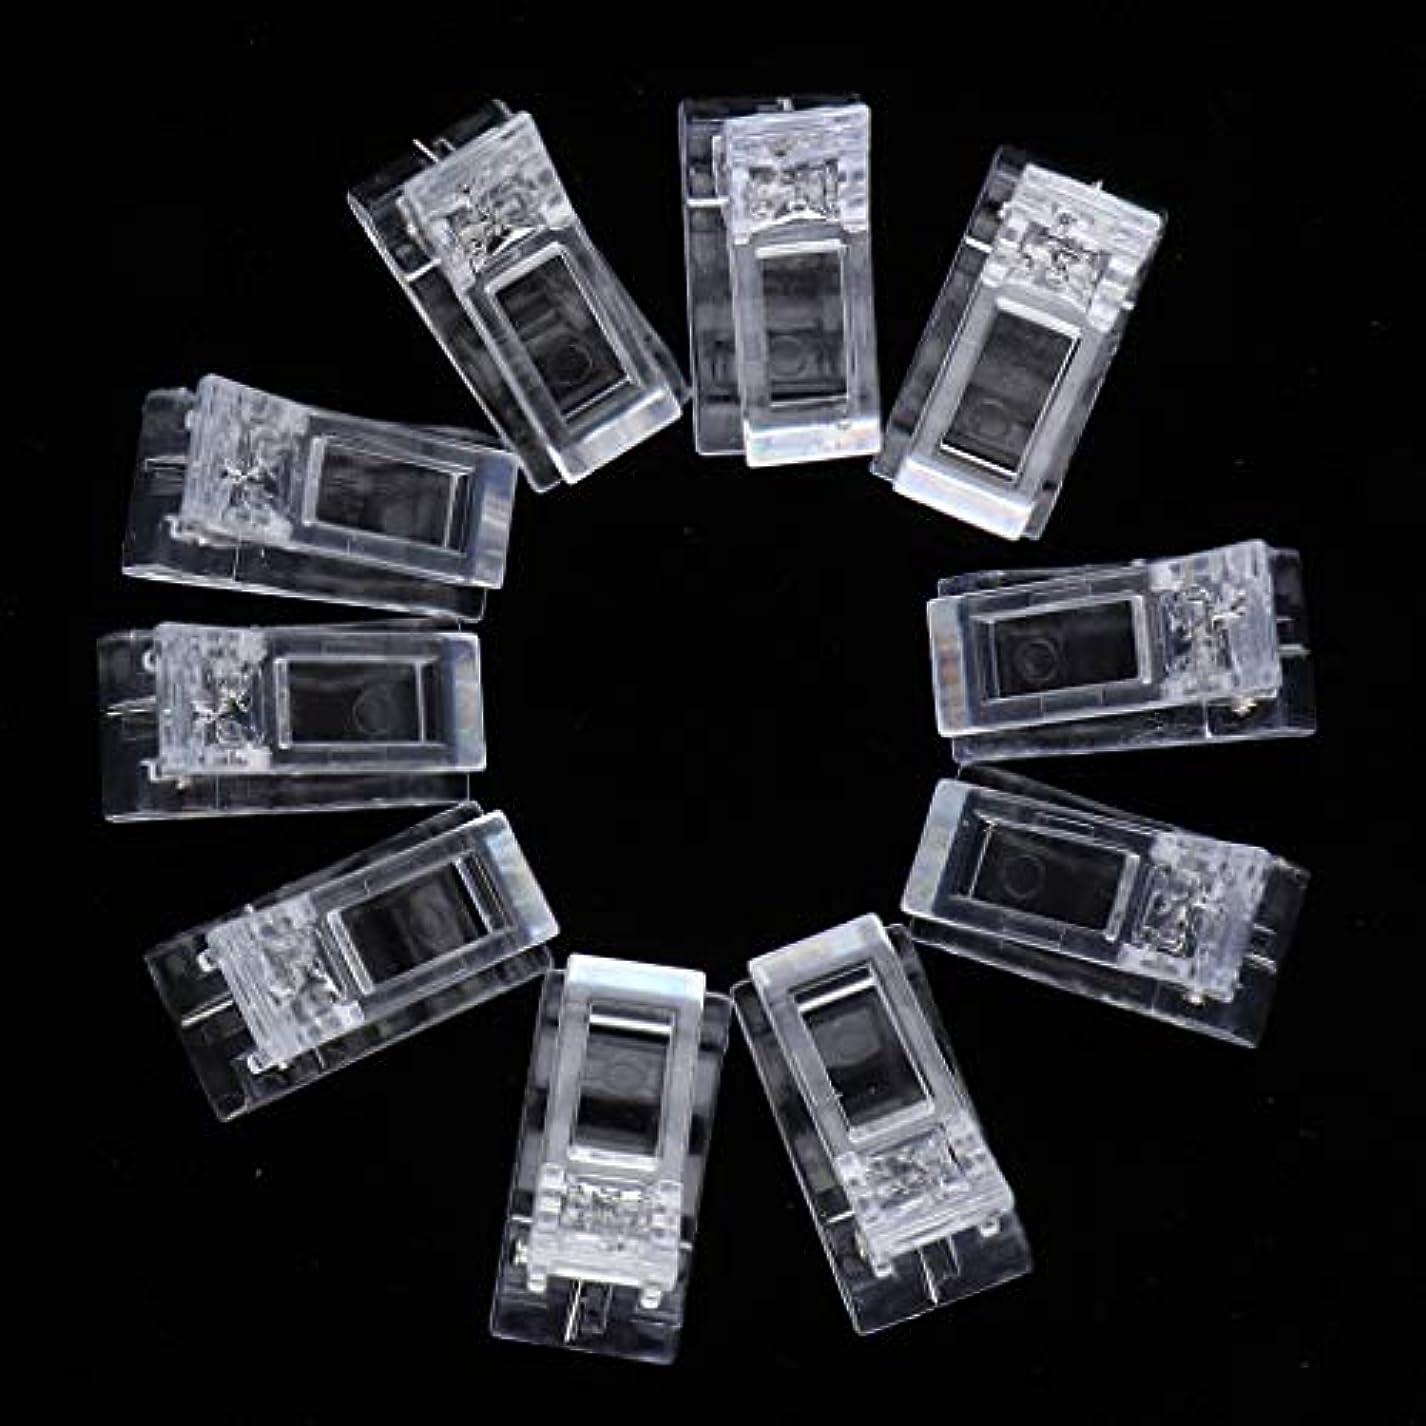 イソギンチャク何もないヘロインSM SunniMix クリア ネイルクリップ ネイル固定クリップ ネイルチップ ネイルアート UVゲルビルダツール 10個